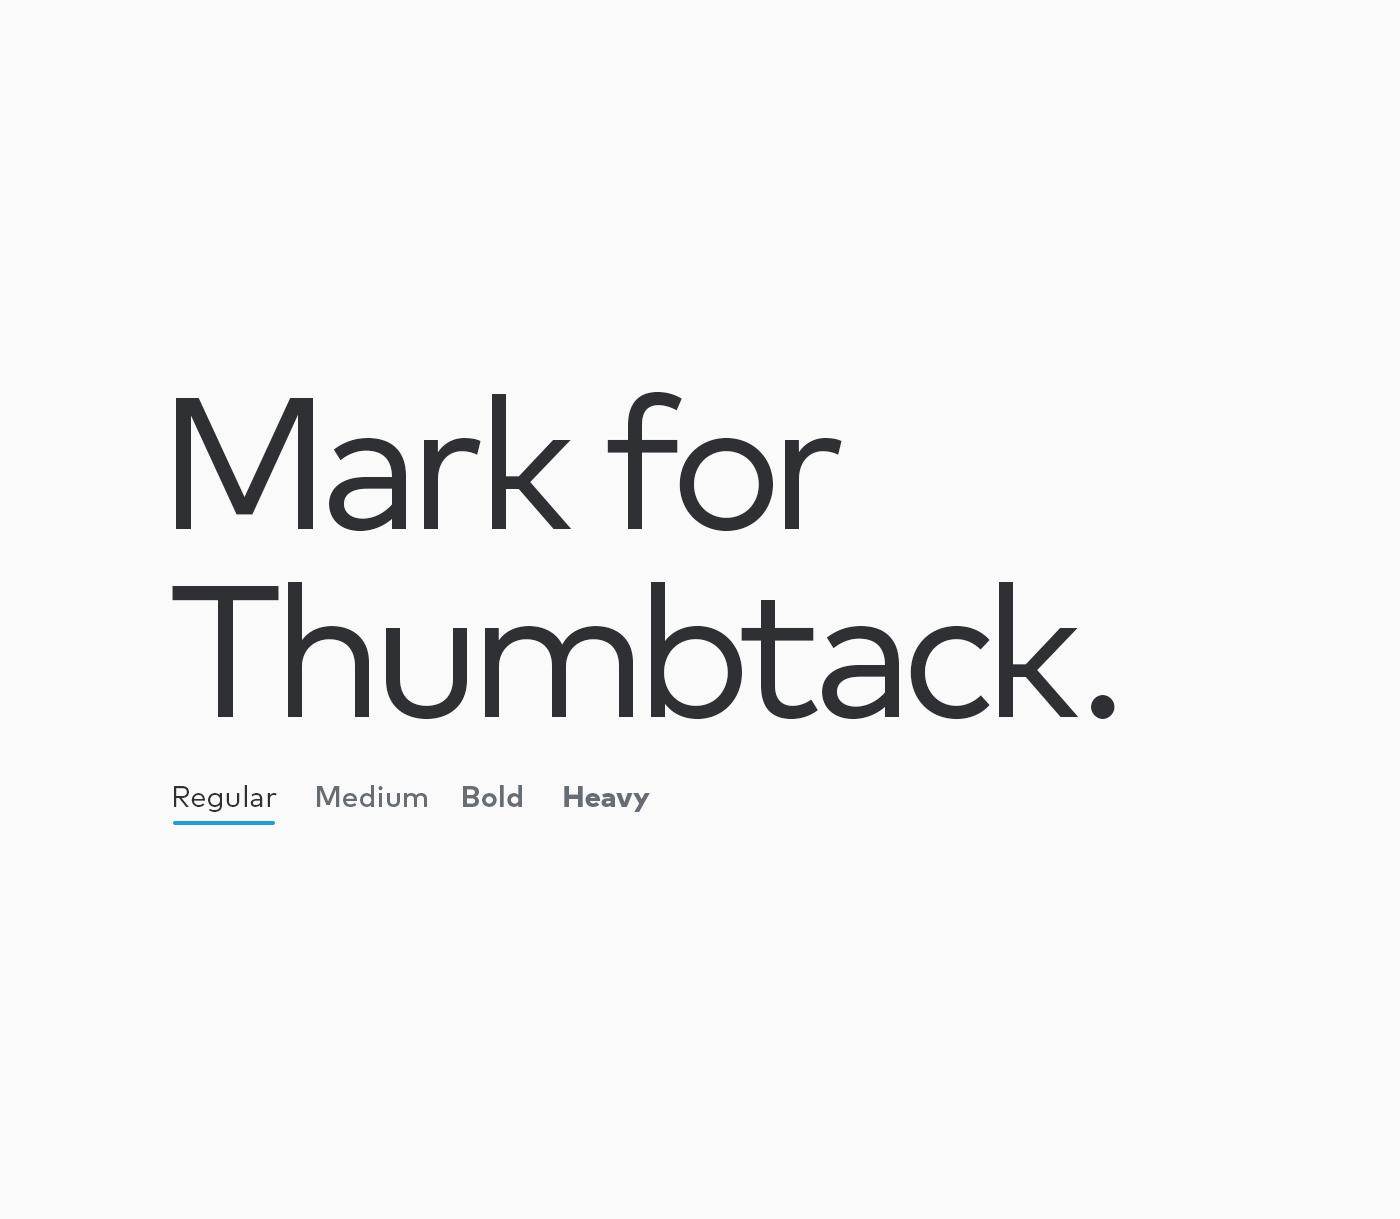 Mark-For-Thumbtack_Regular.png